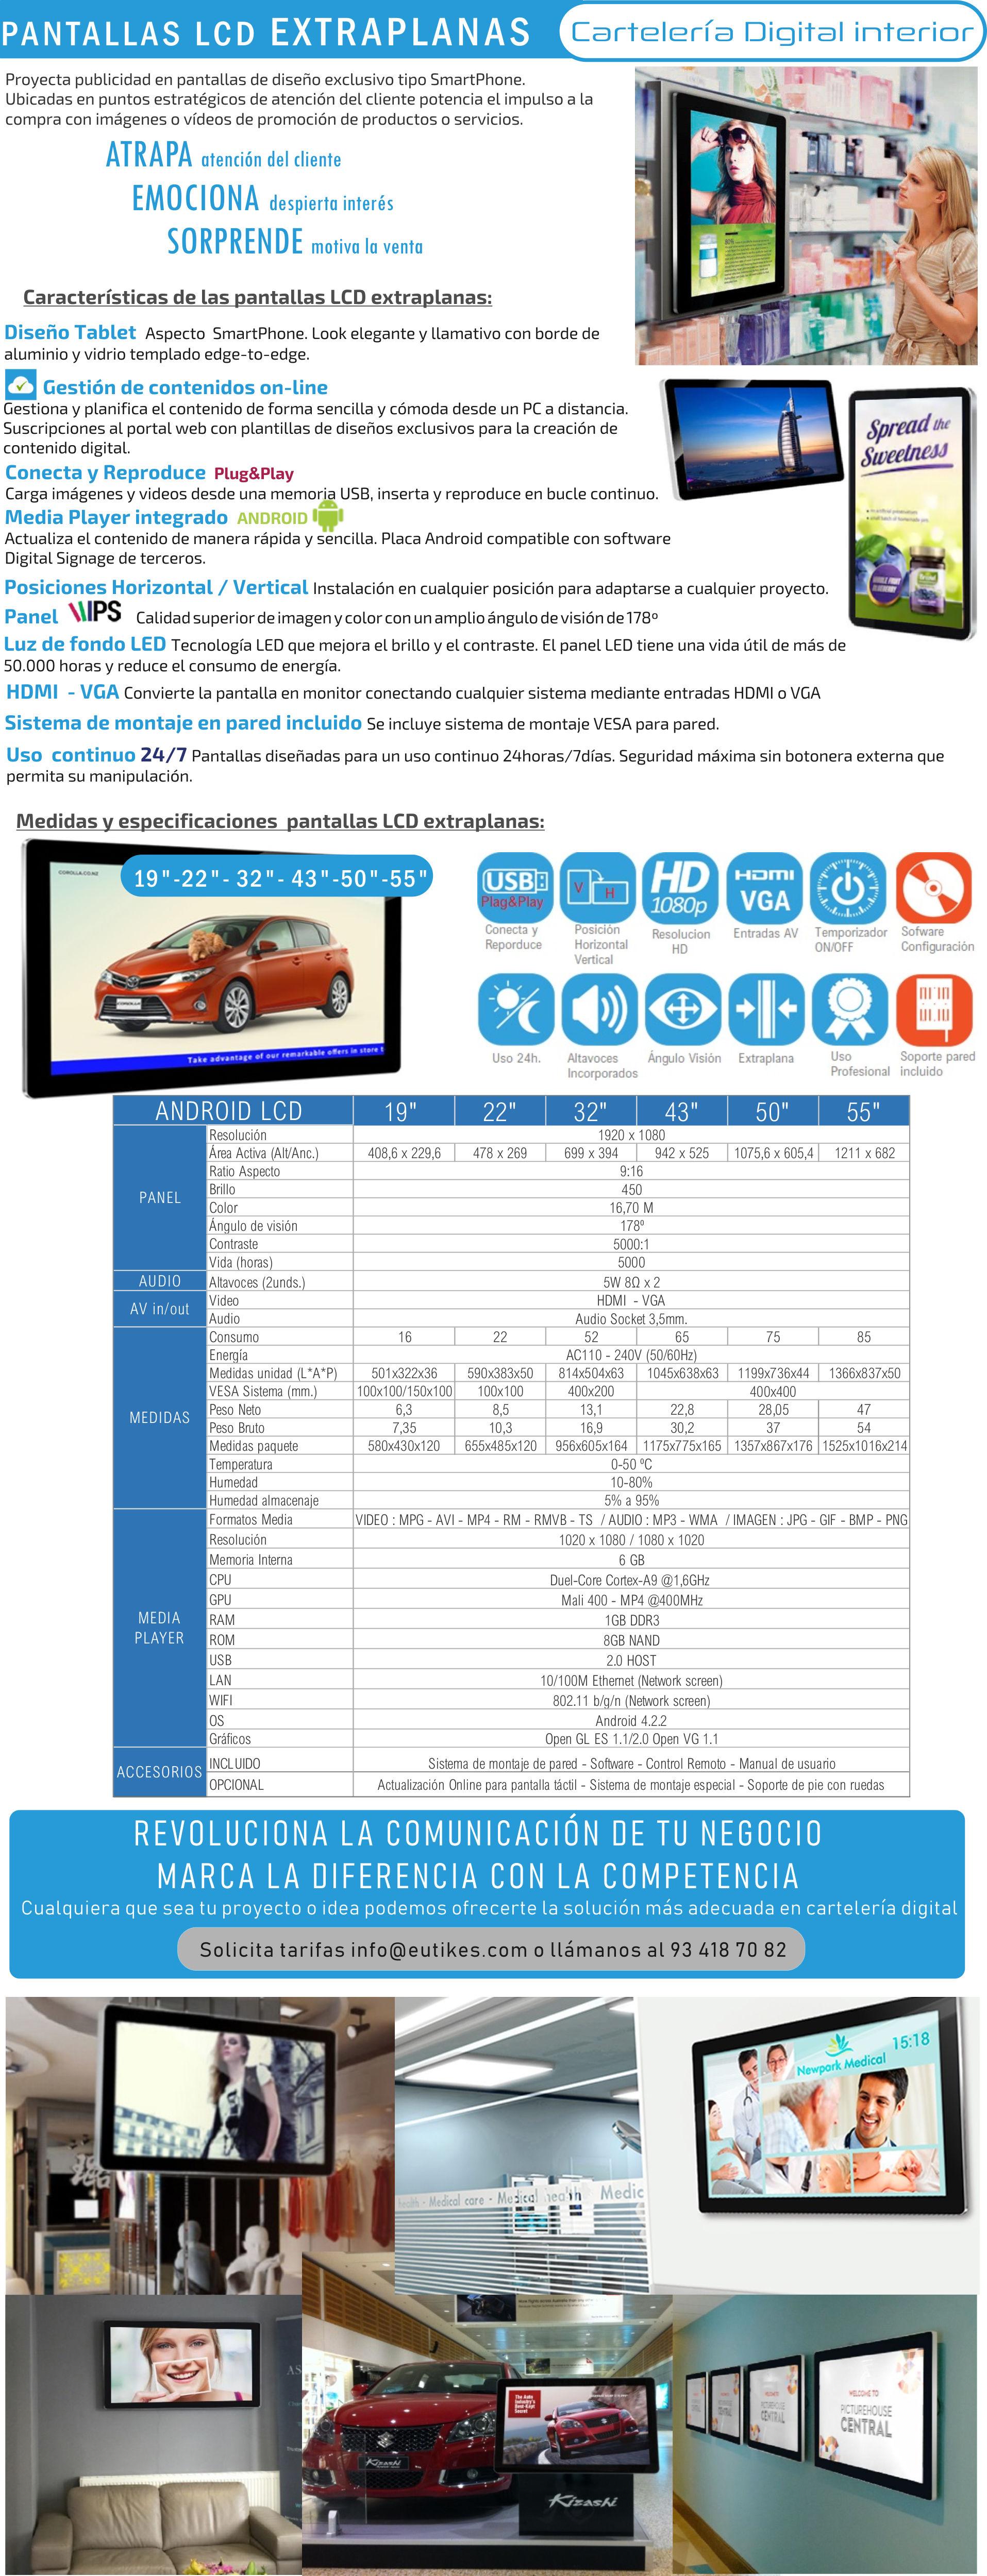 Pantallas para publicidad y televisores LCD para señalización Digital Extraplanas